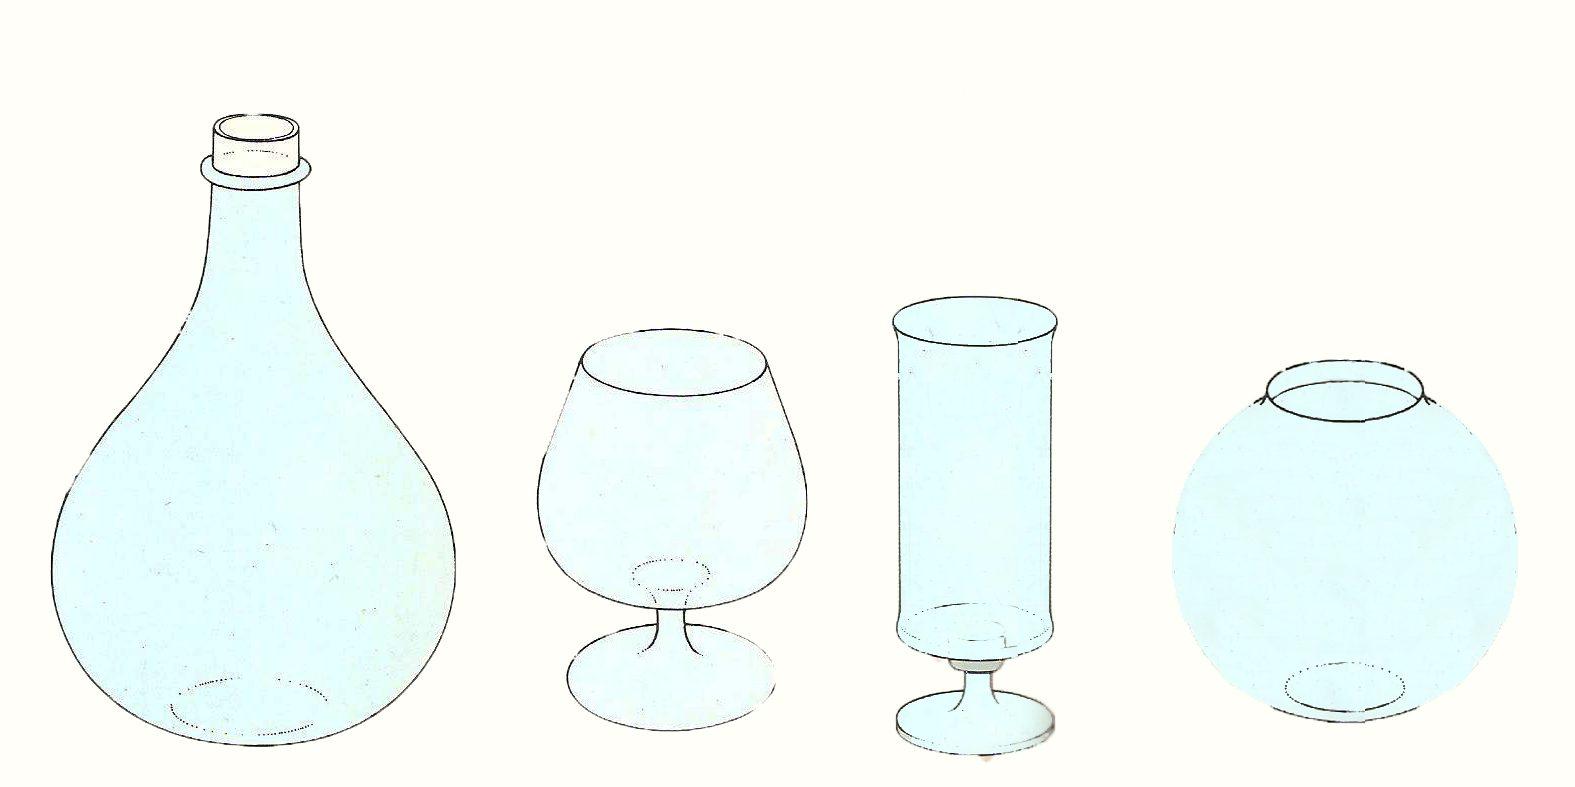 Terrario Per Piante Grasse terrario - come coltivare le piante nel vetro < millefogli